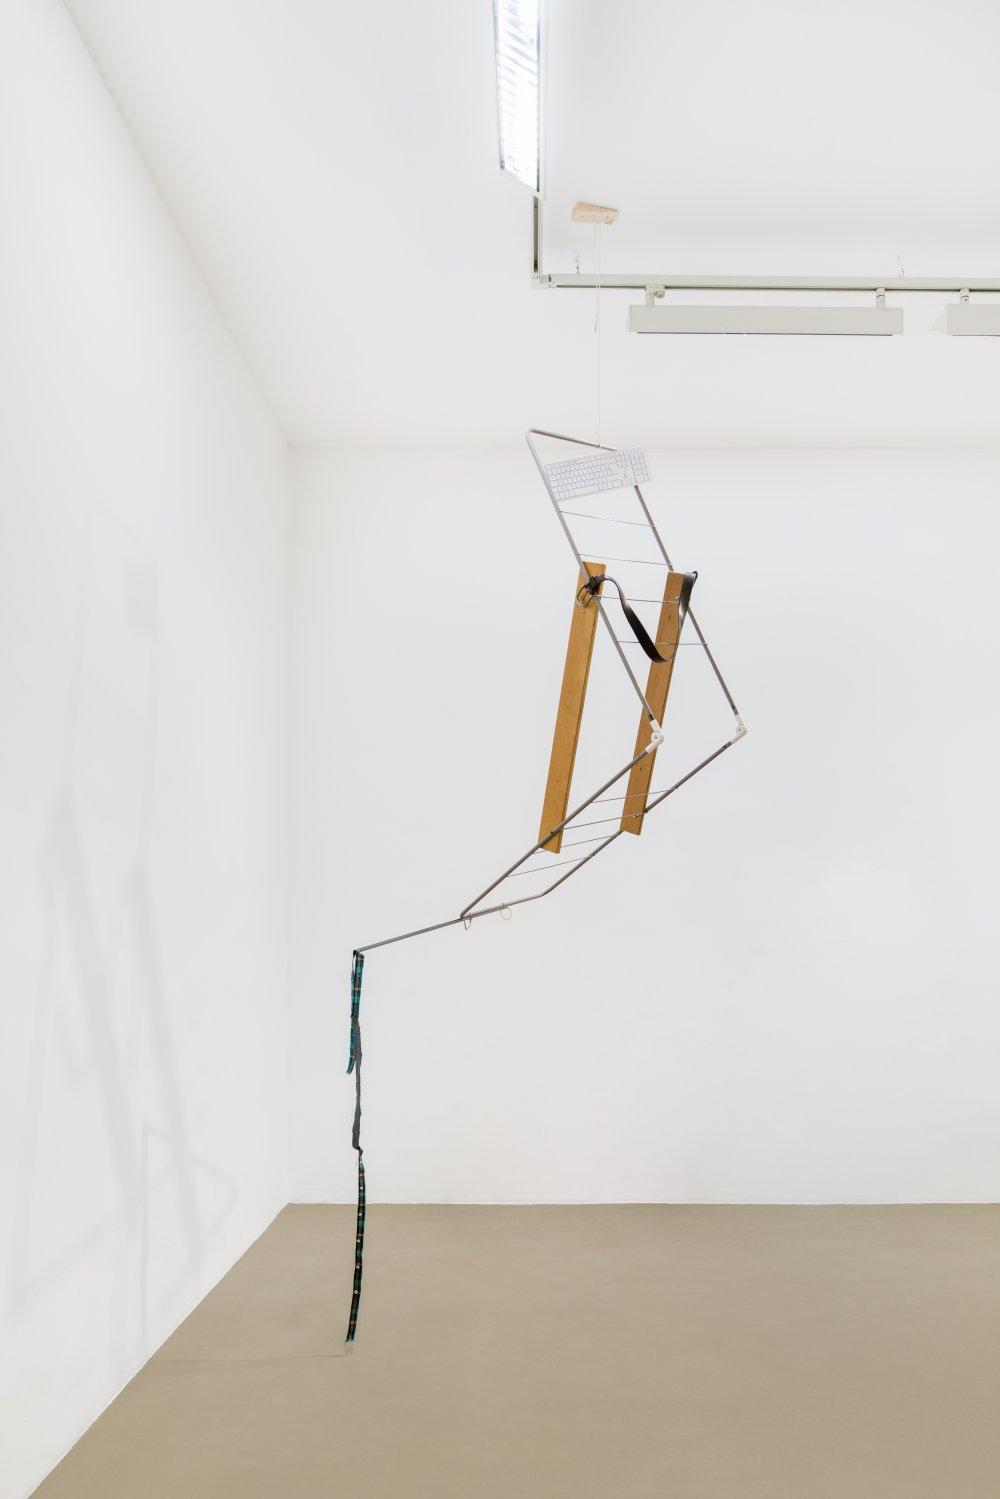 Untitled portable sculpture (La Señora de Las Nueces) 6